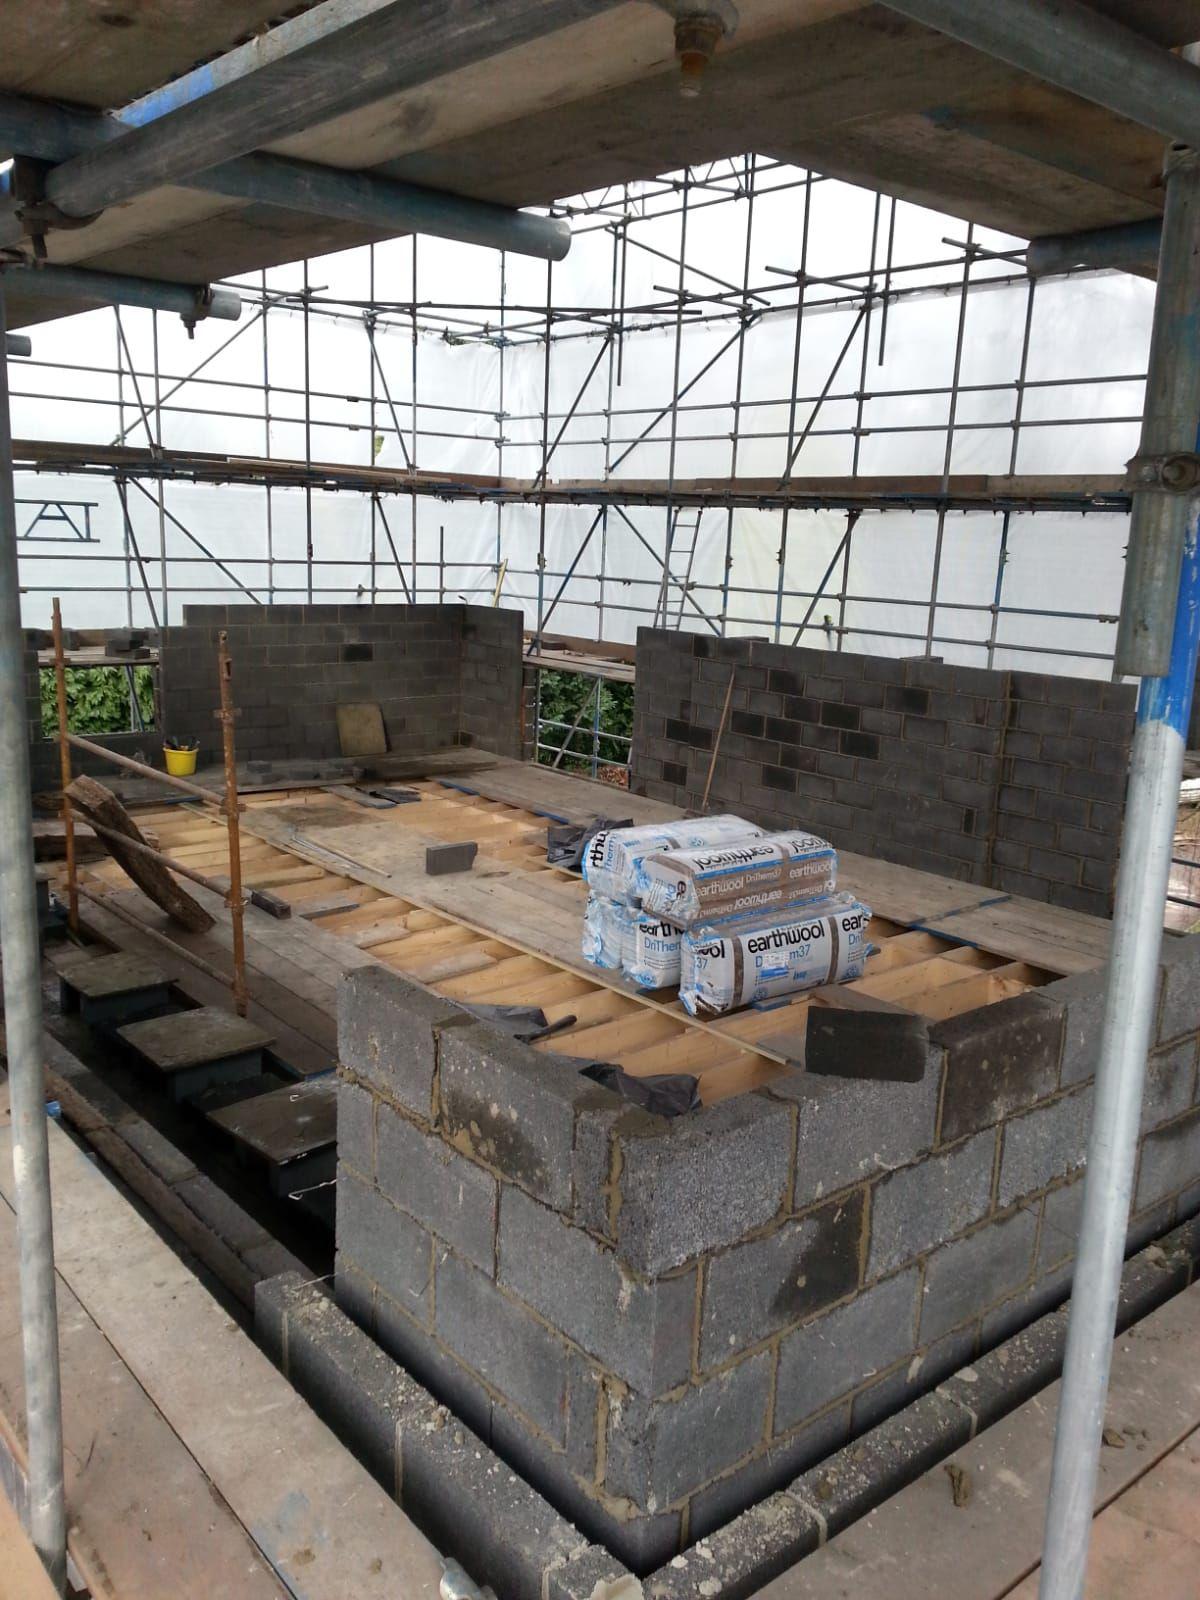 Working inside scaffolding